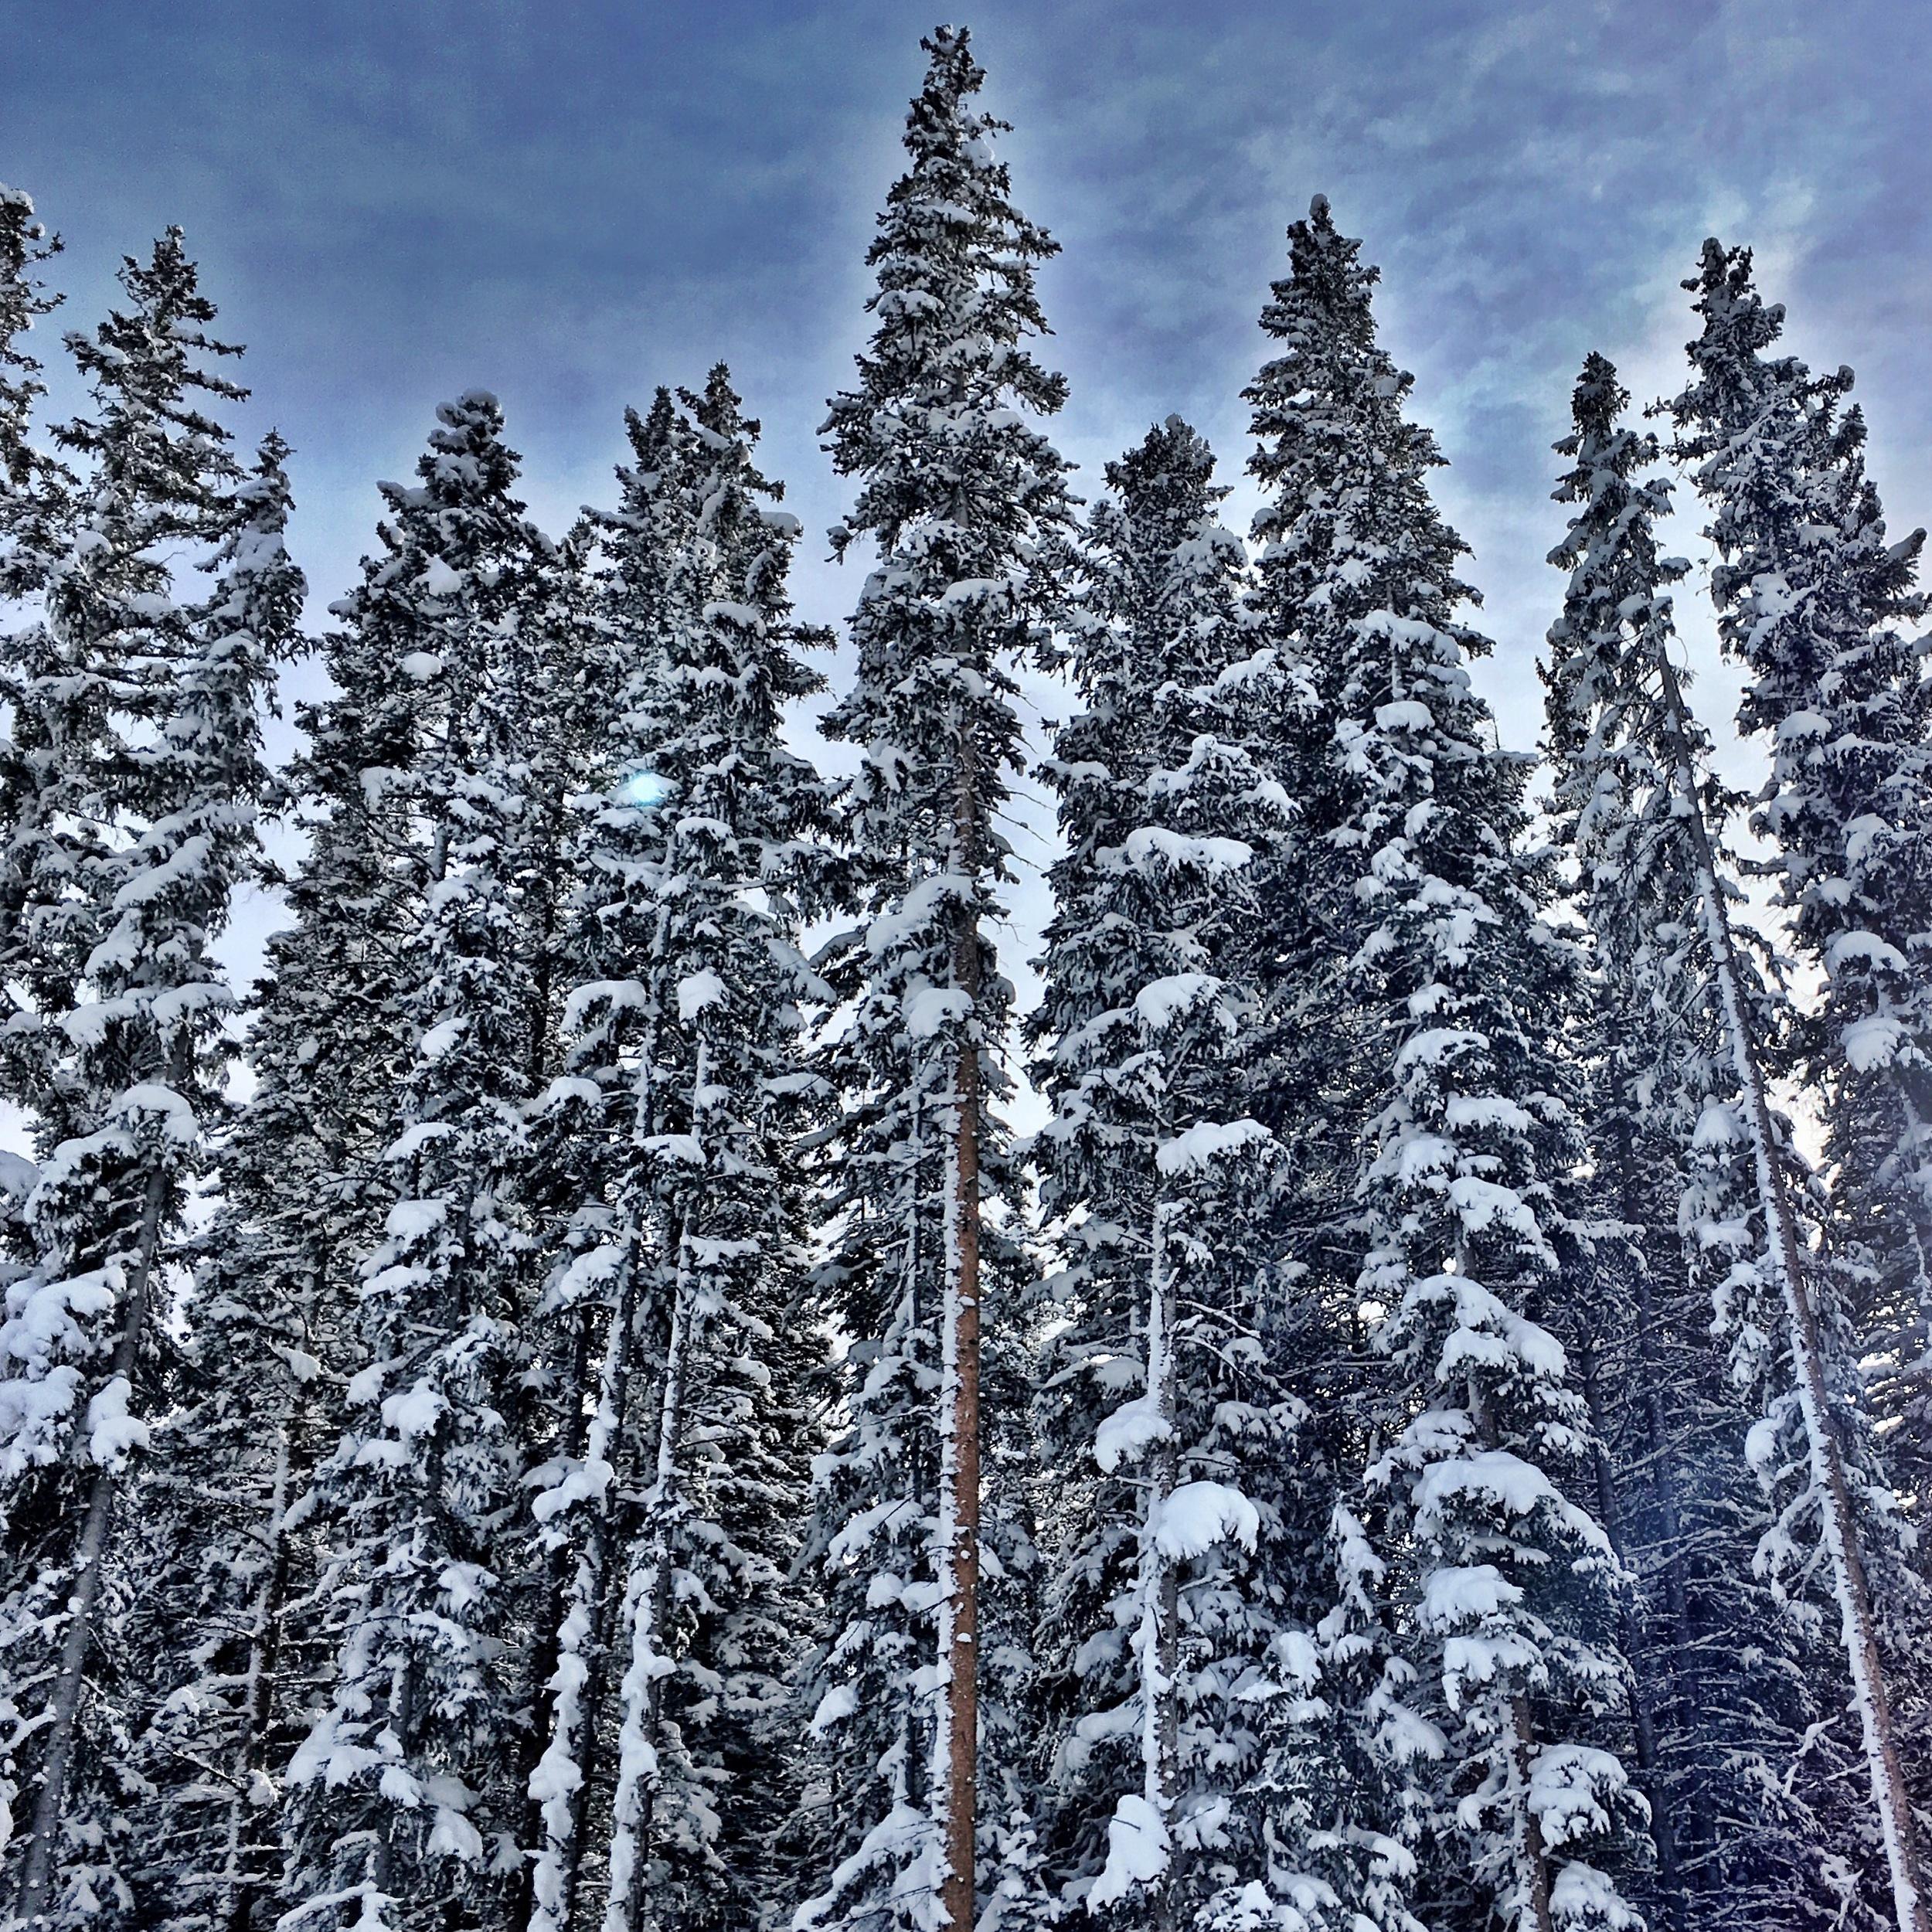 Grungy Slopes, Aspen Colorado, The Gant 18.jpg